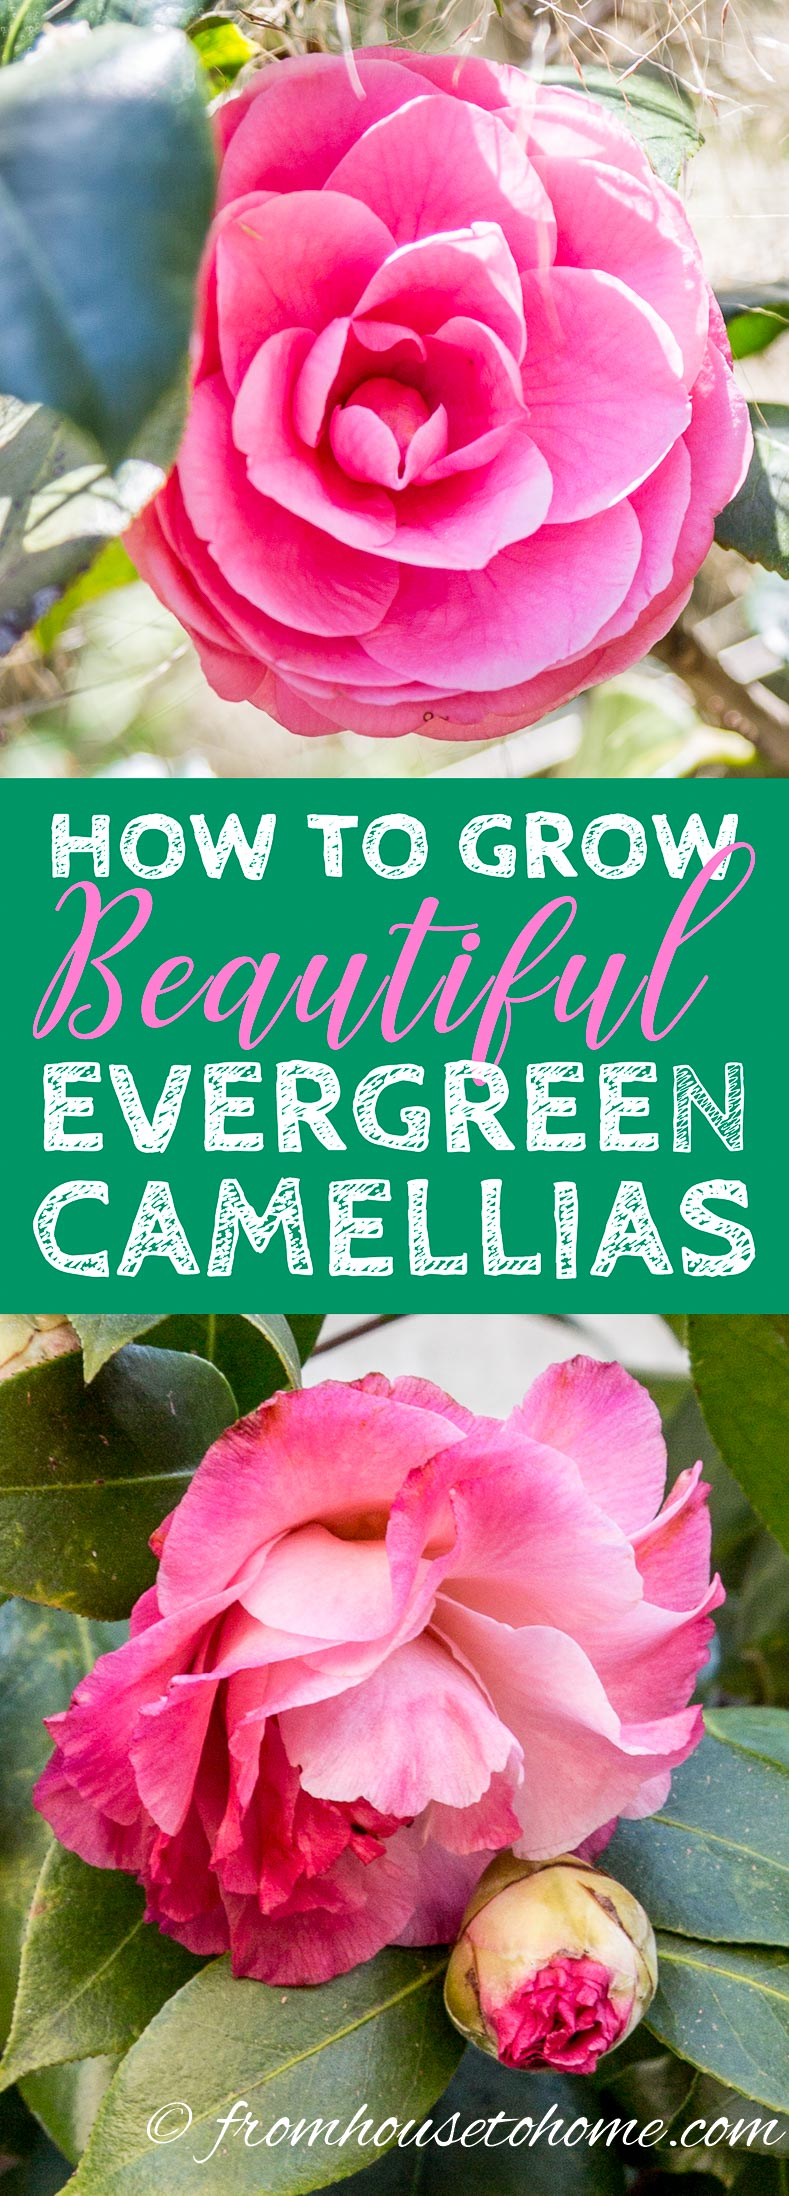 Camellia Care Guide: How To Grow Camellias